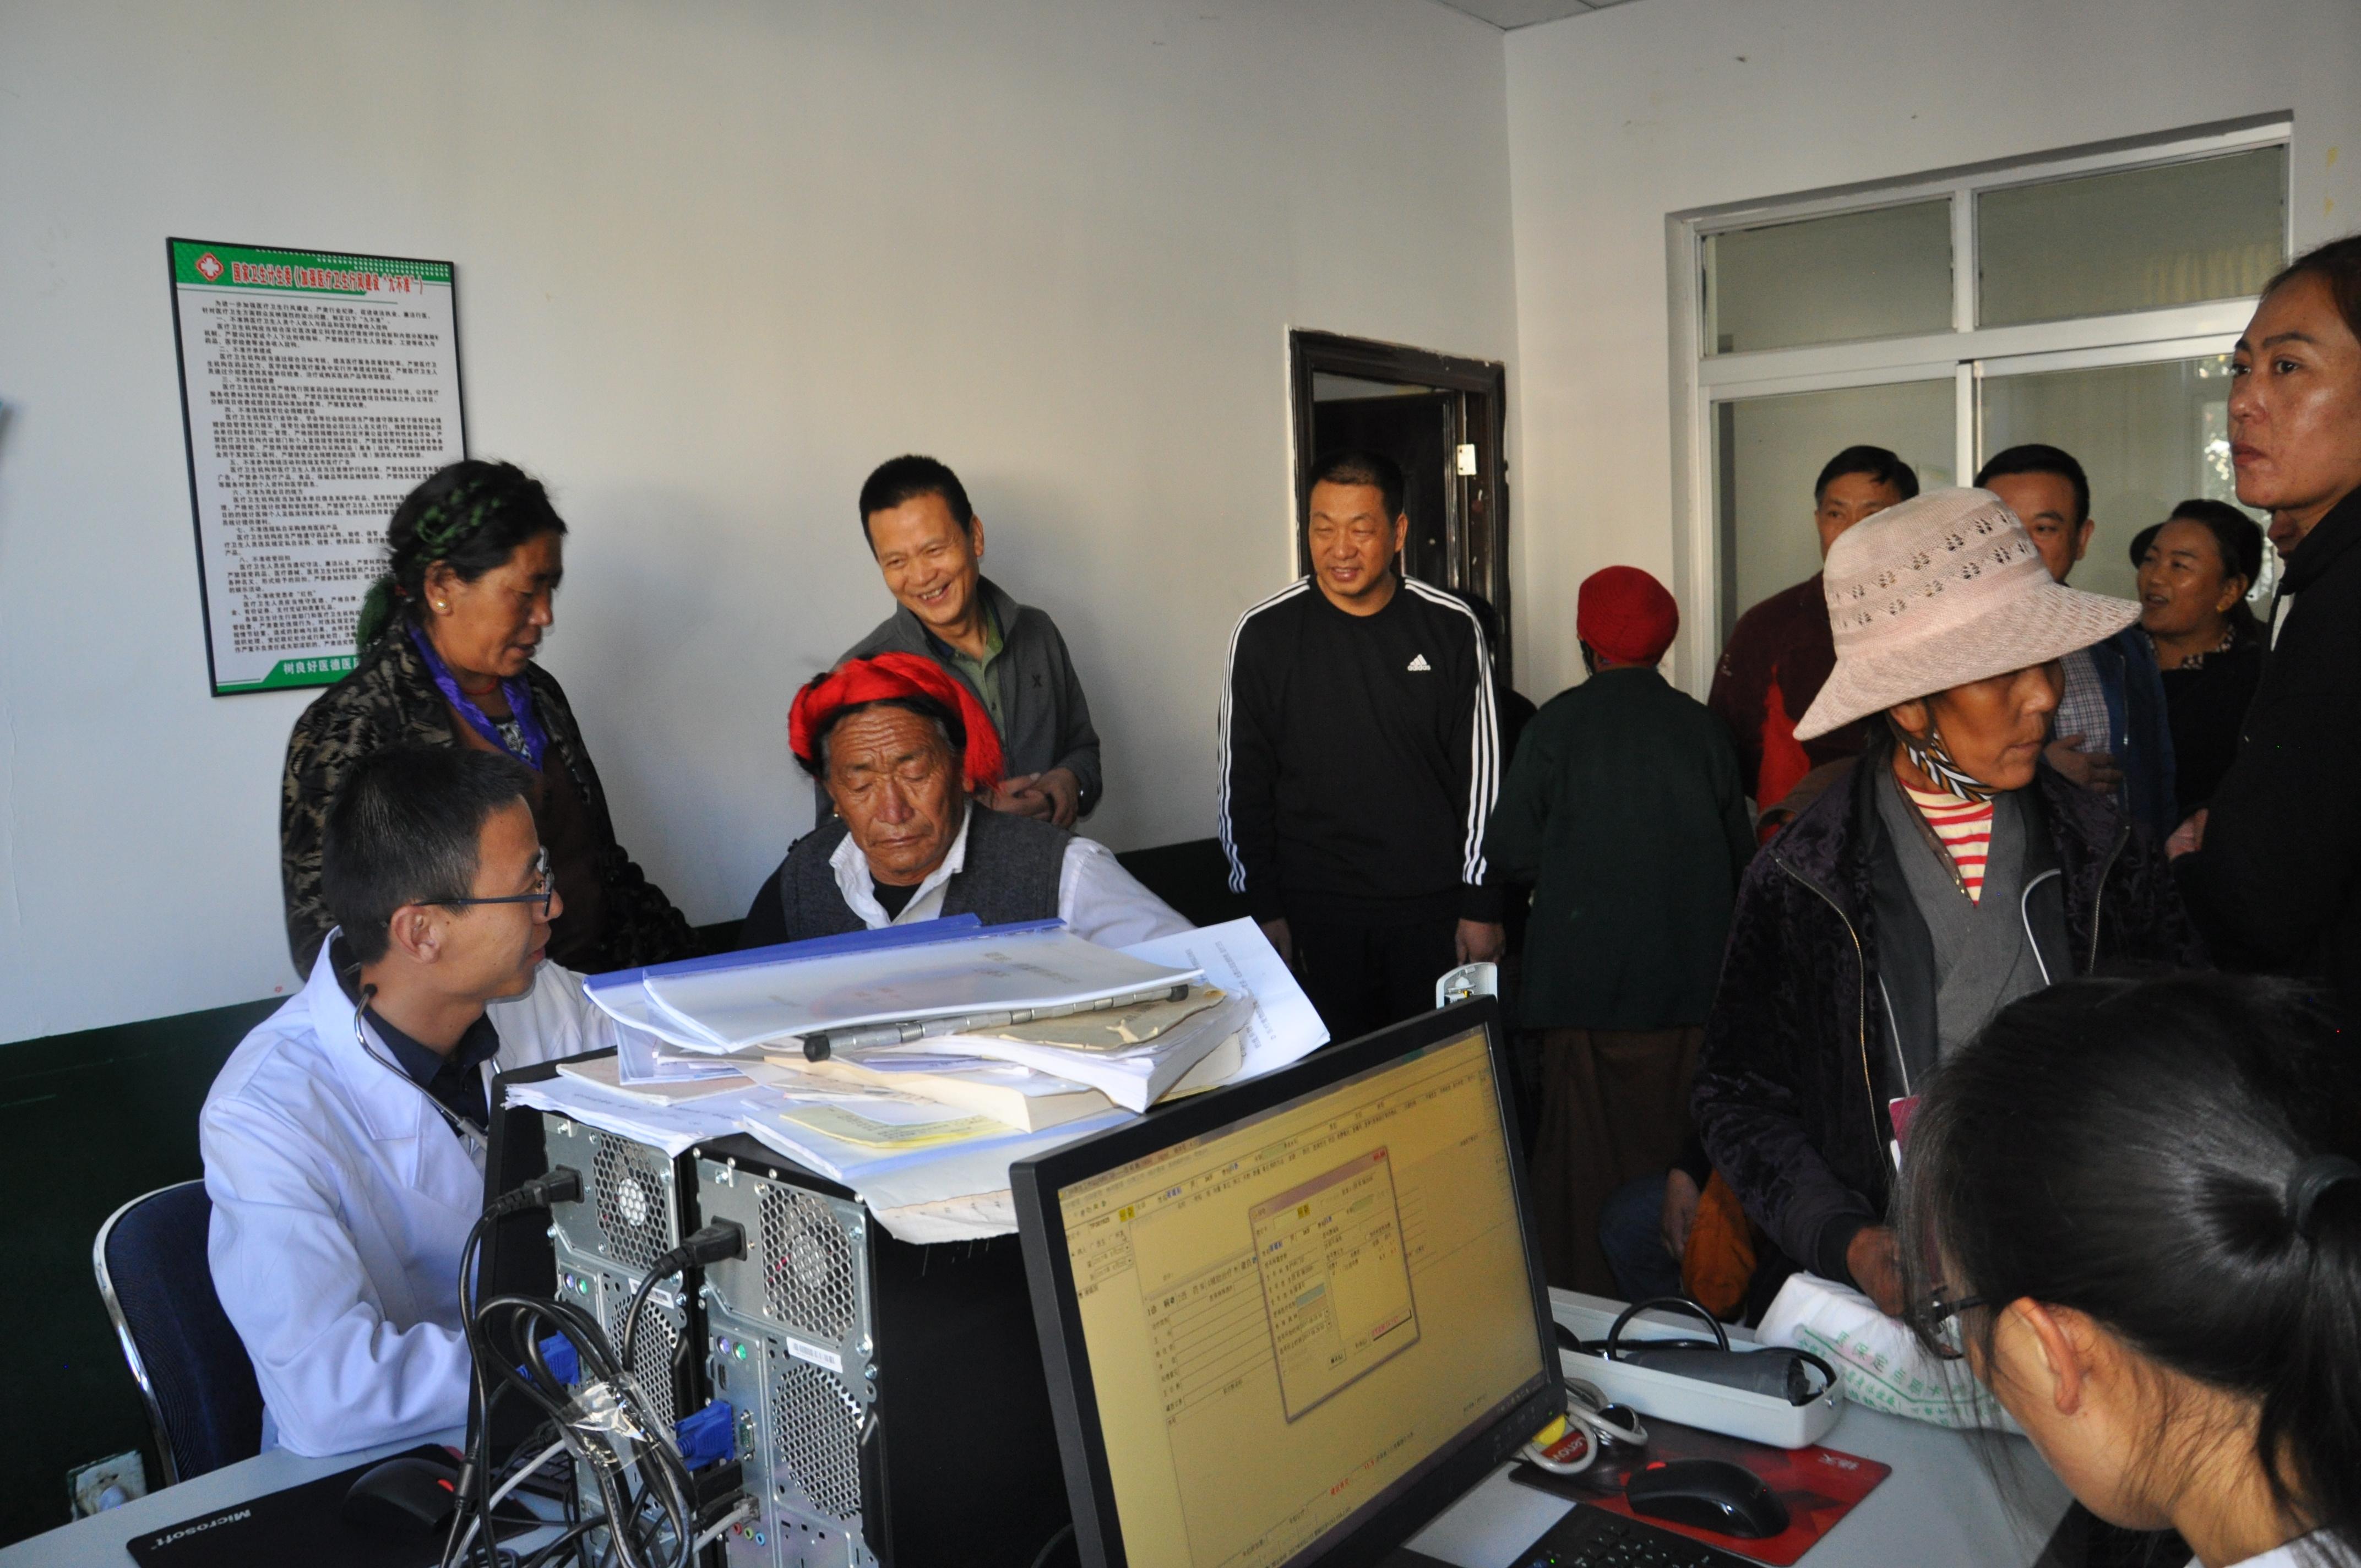 藏王陵脚下的援藏人——记湖北省襄阳市第五批短期援藏医生汪洋